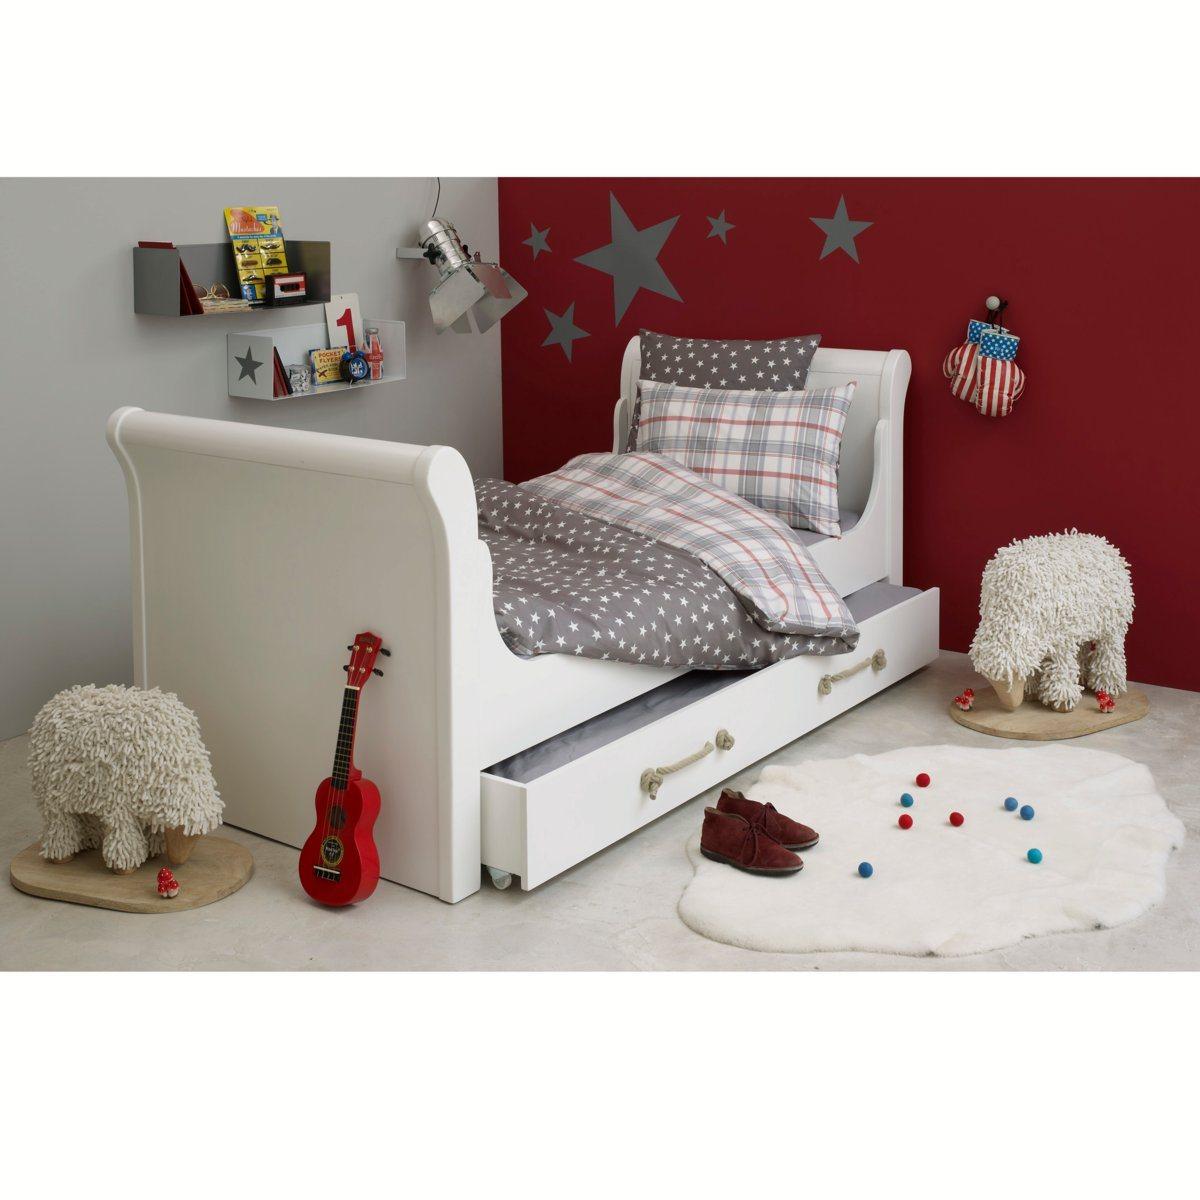 Deco chambre fille rouge et blanc - Deco chambre rouge et blanc ...